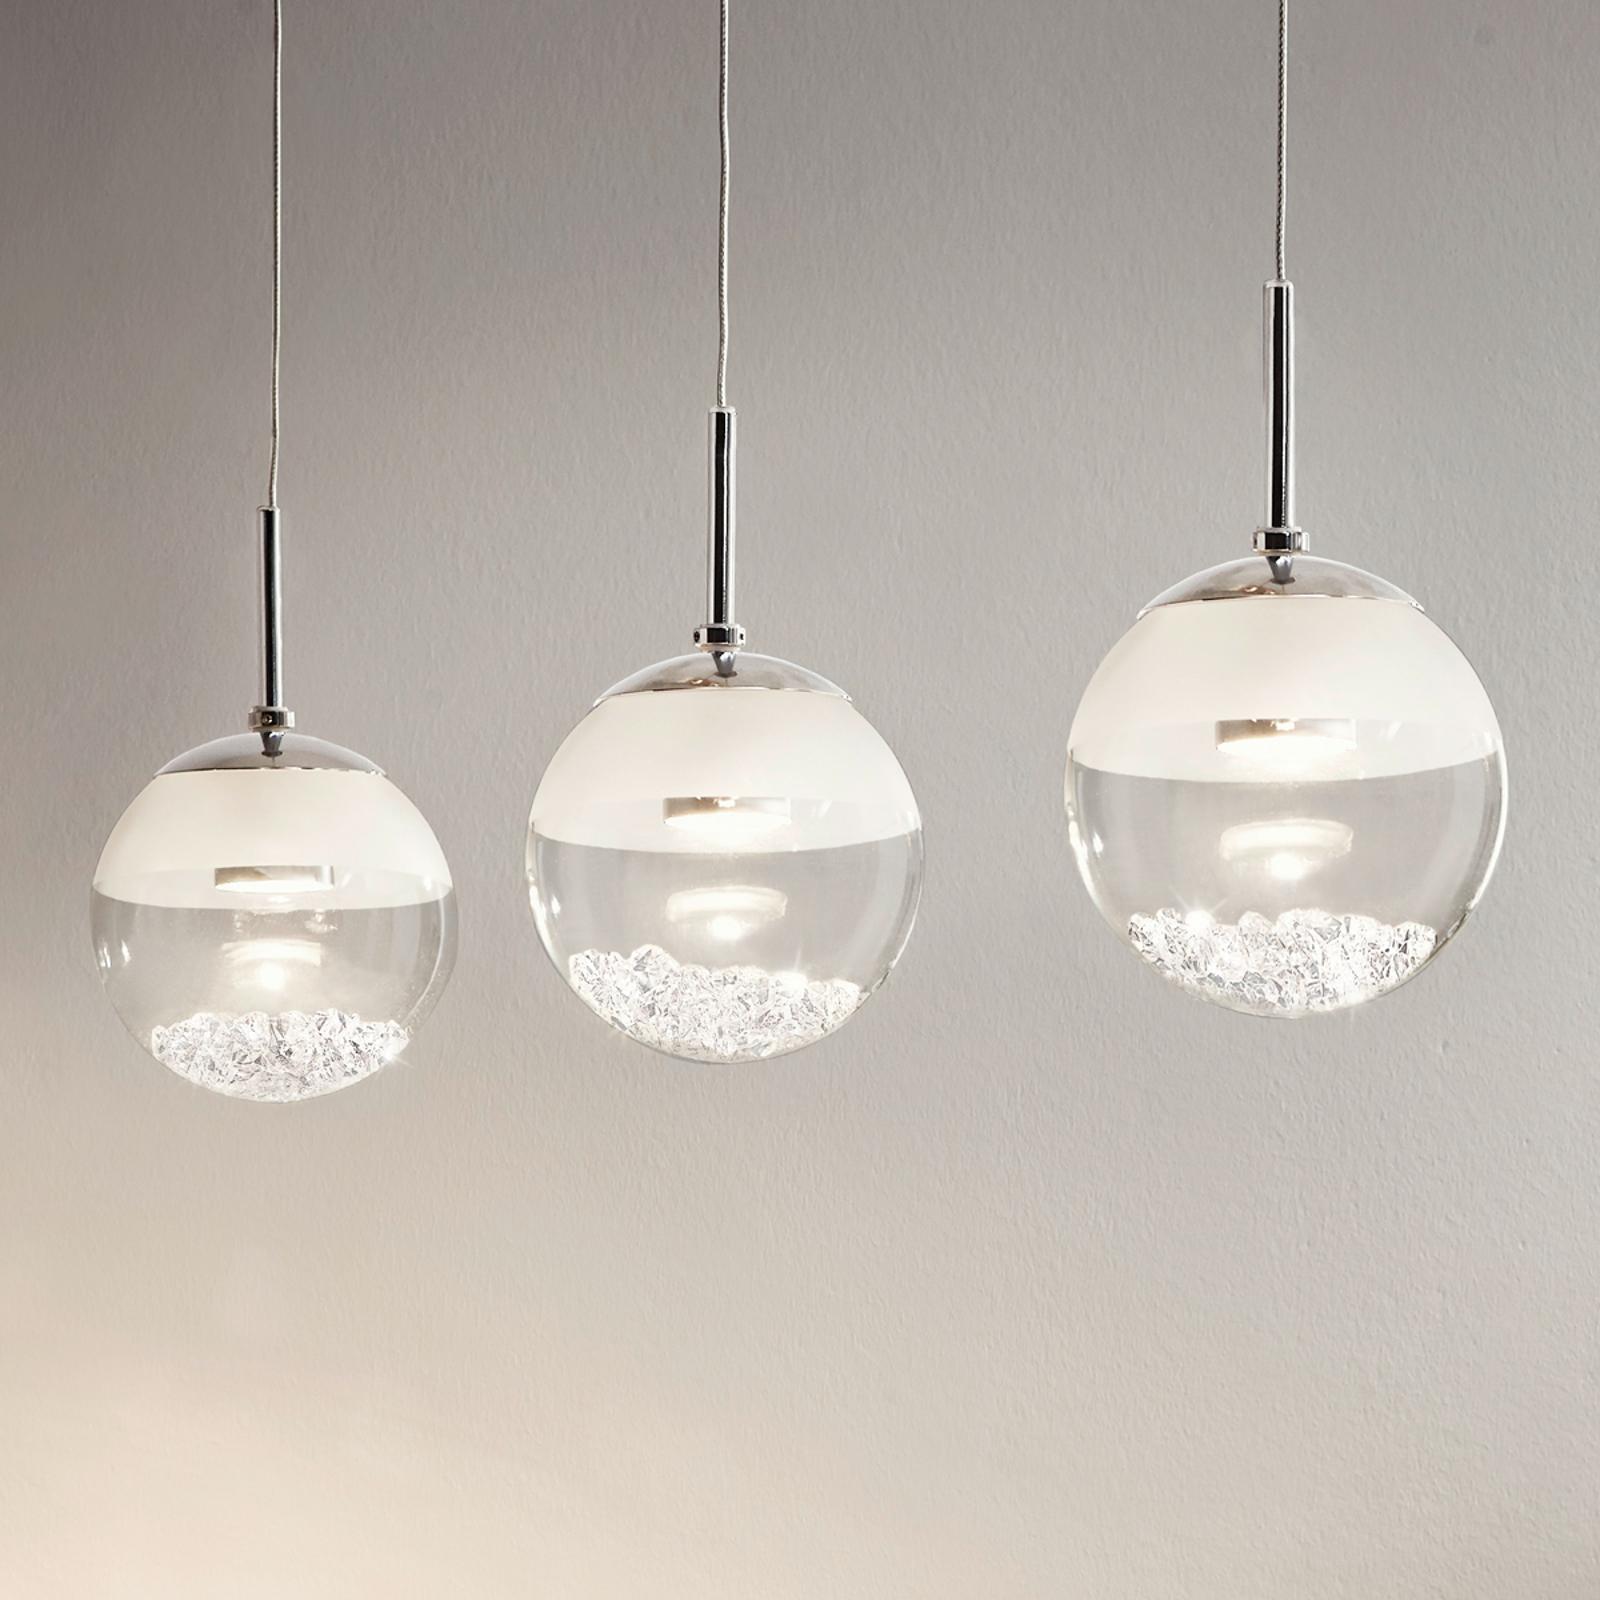 Podélné LED závěsné světlo Montefio s krystaly